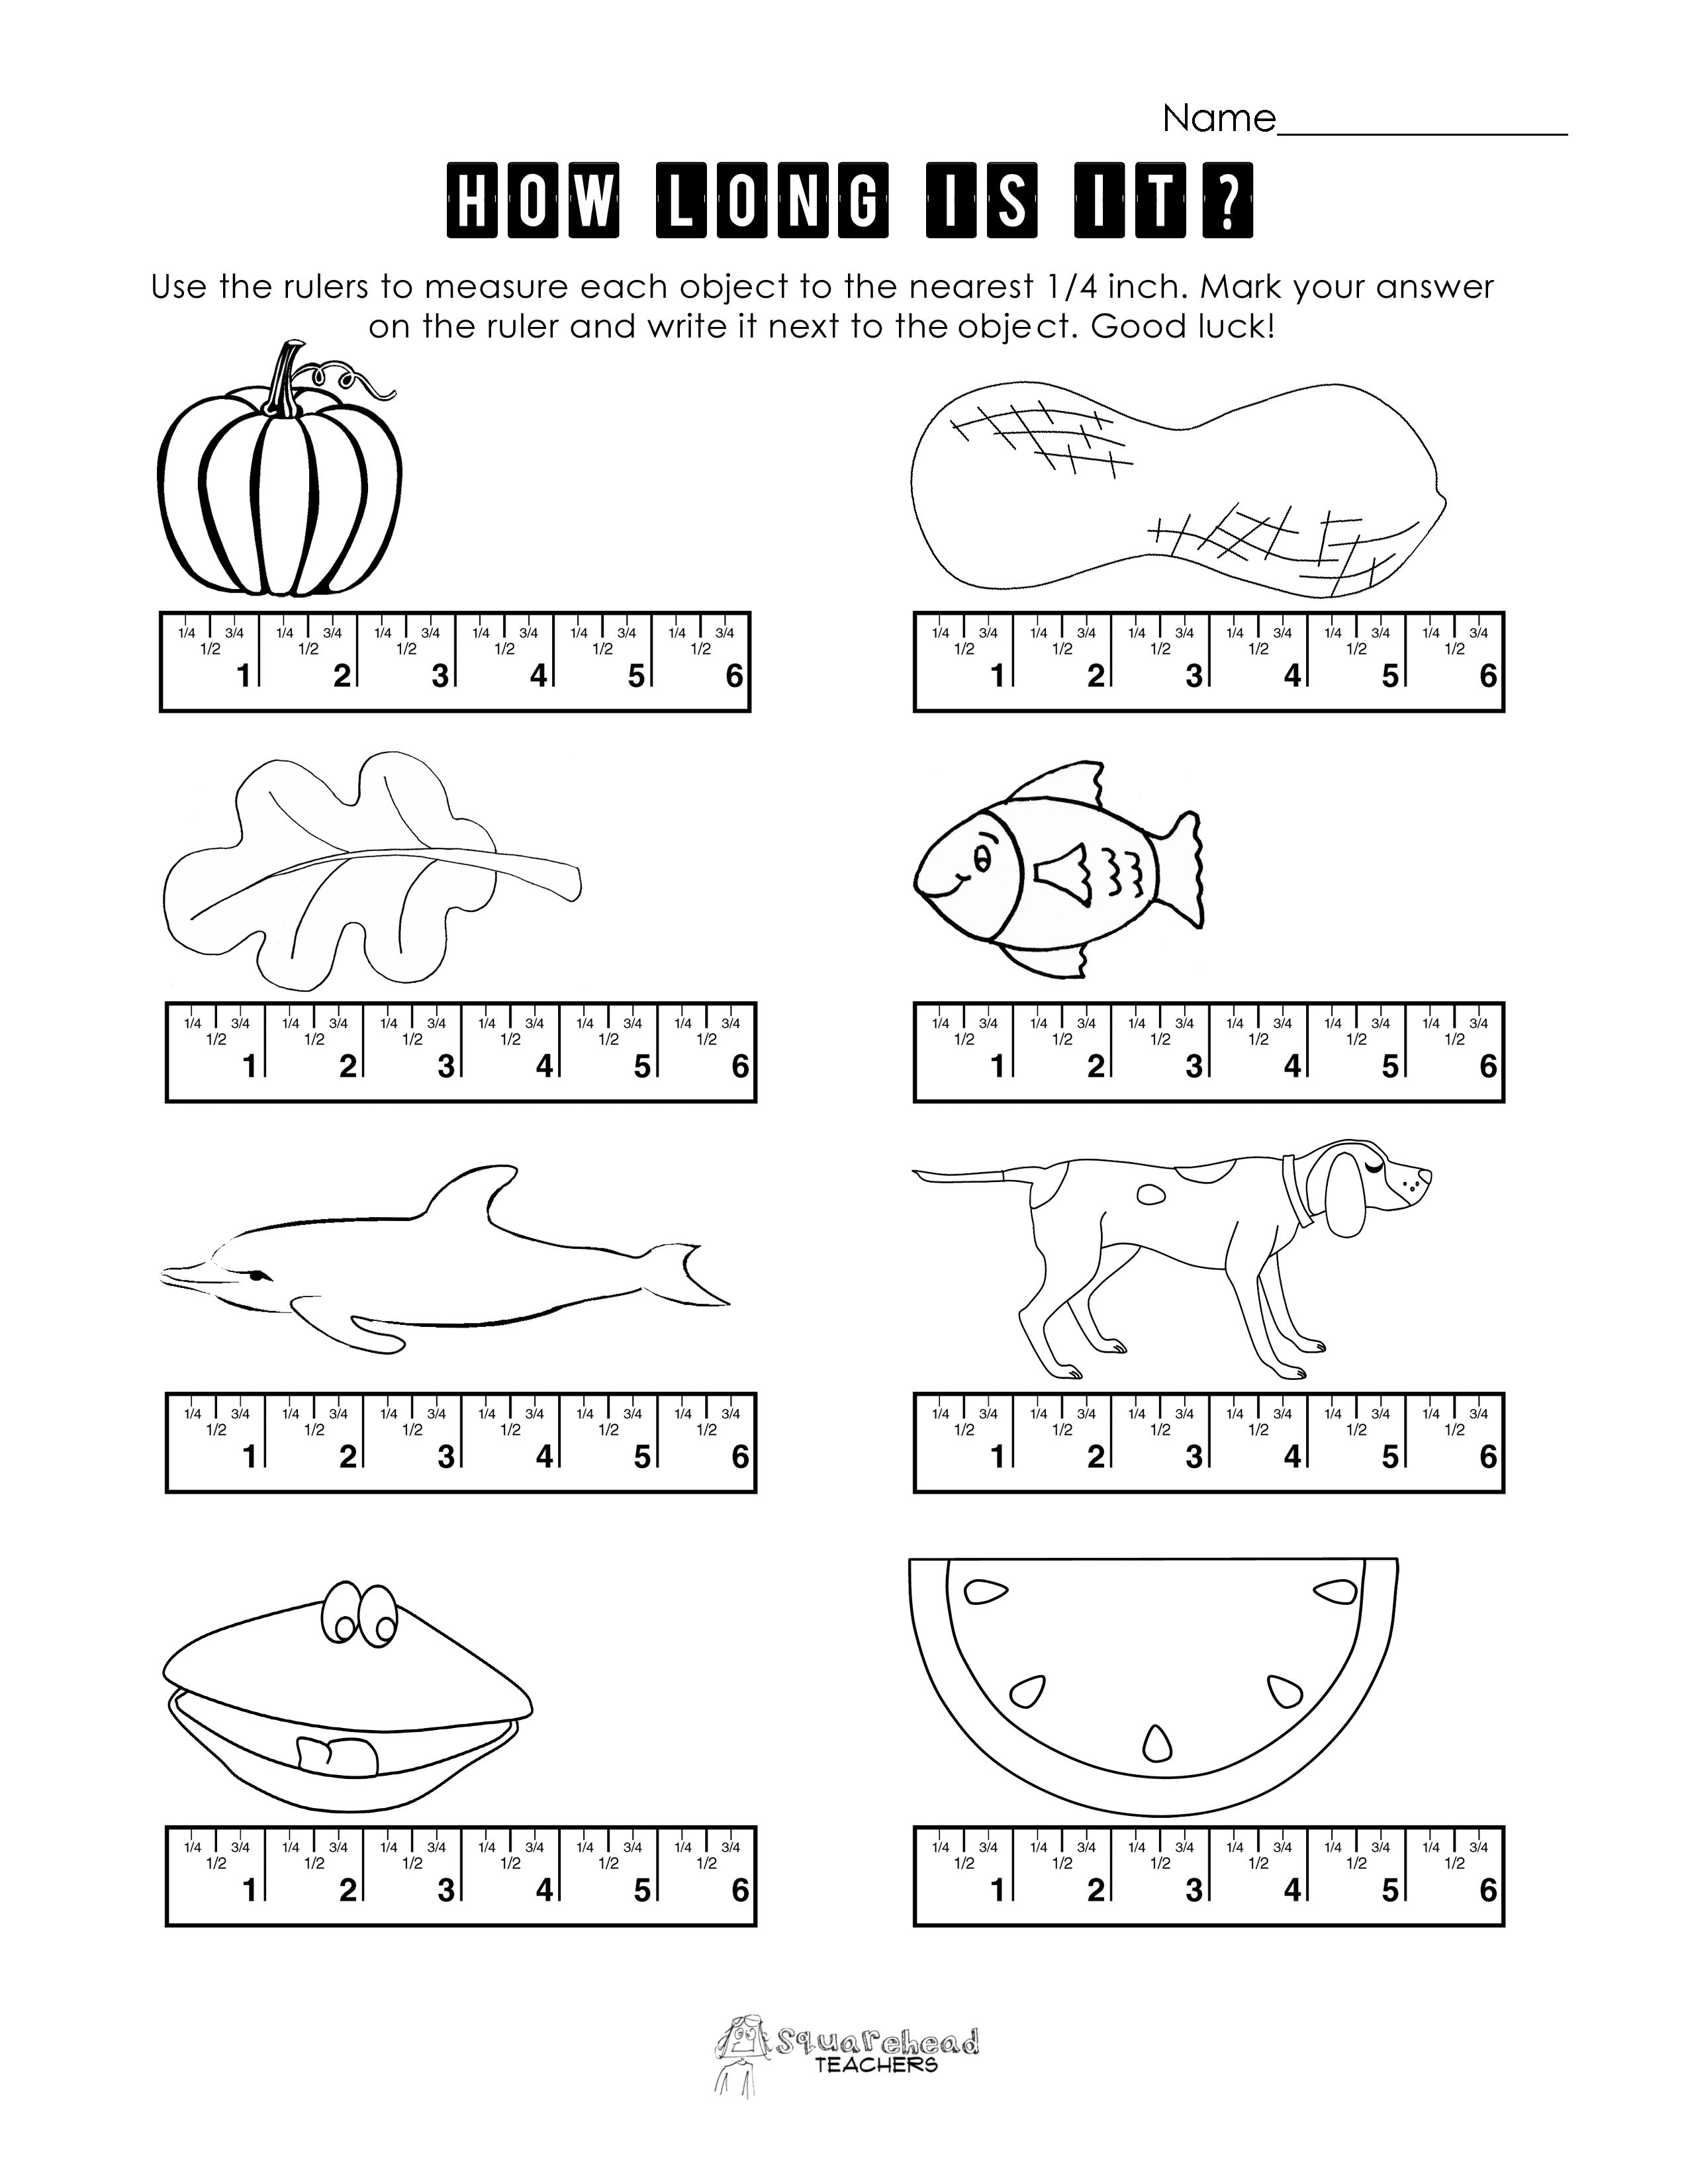 Ruler Measuring Worksheets